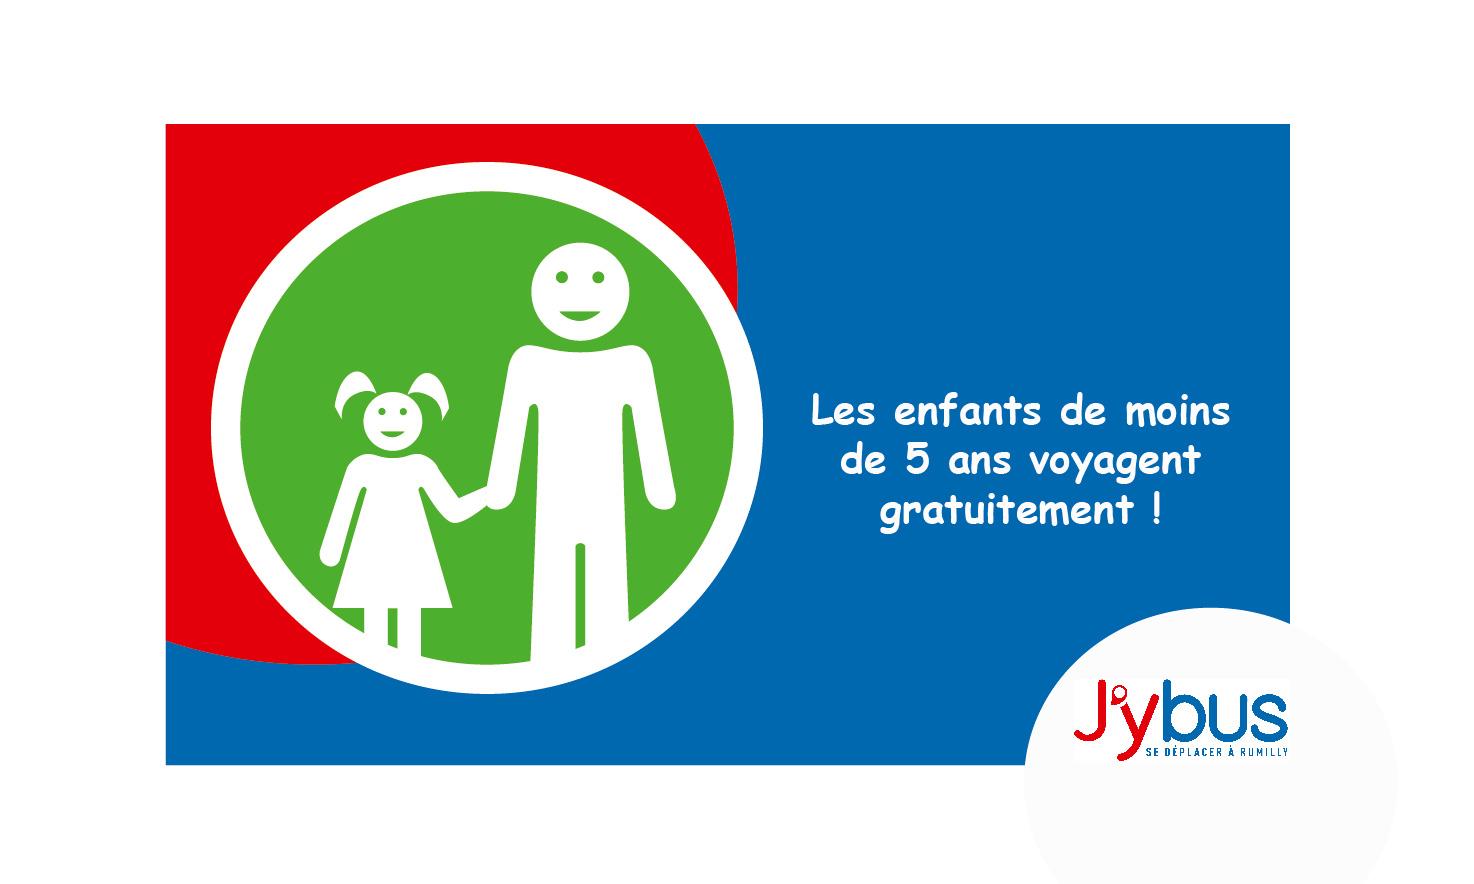 Enfant = Conditions d'accès au réseau J'ybus